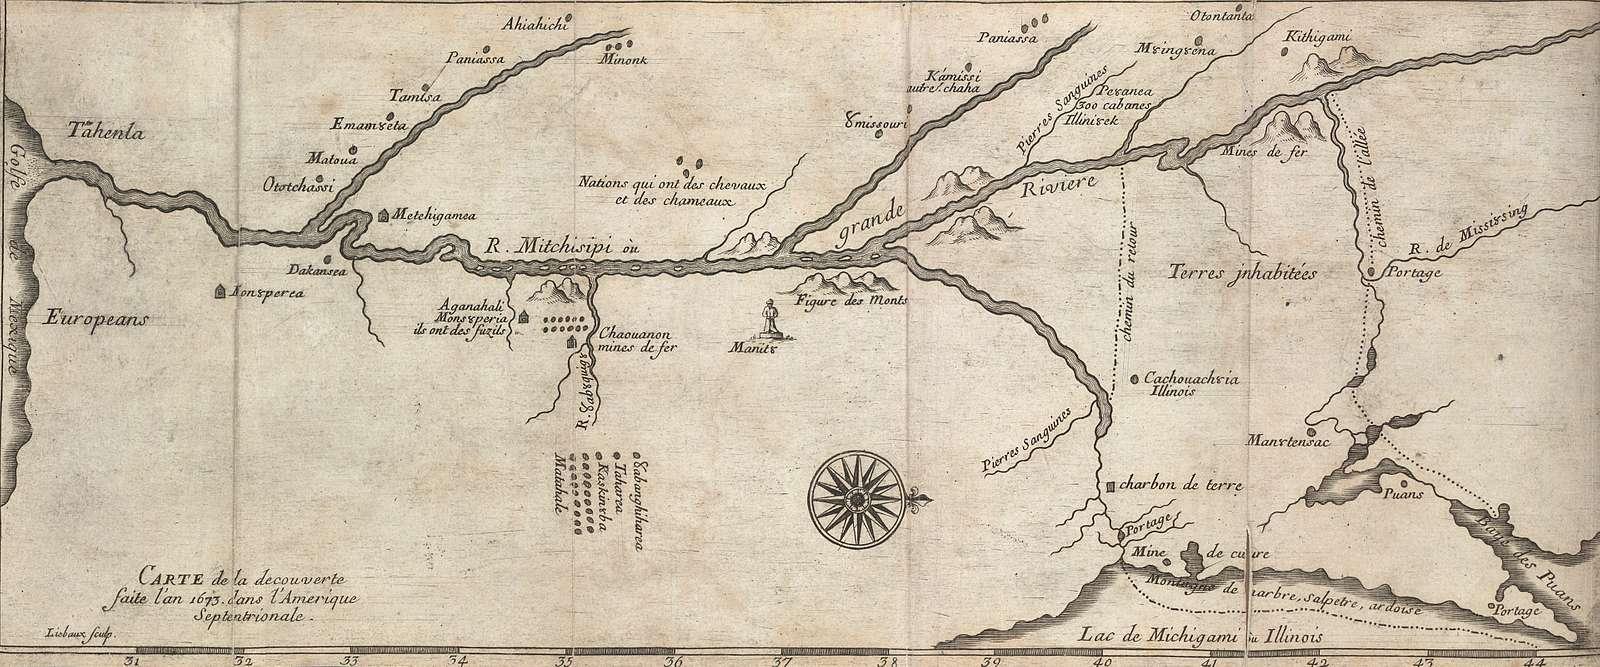 Carte de la découverte faite l'an 1673 dans l'Amérique septentrionale.